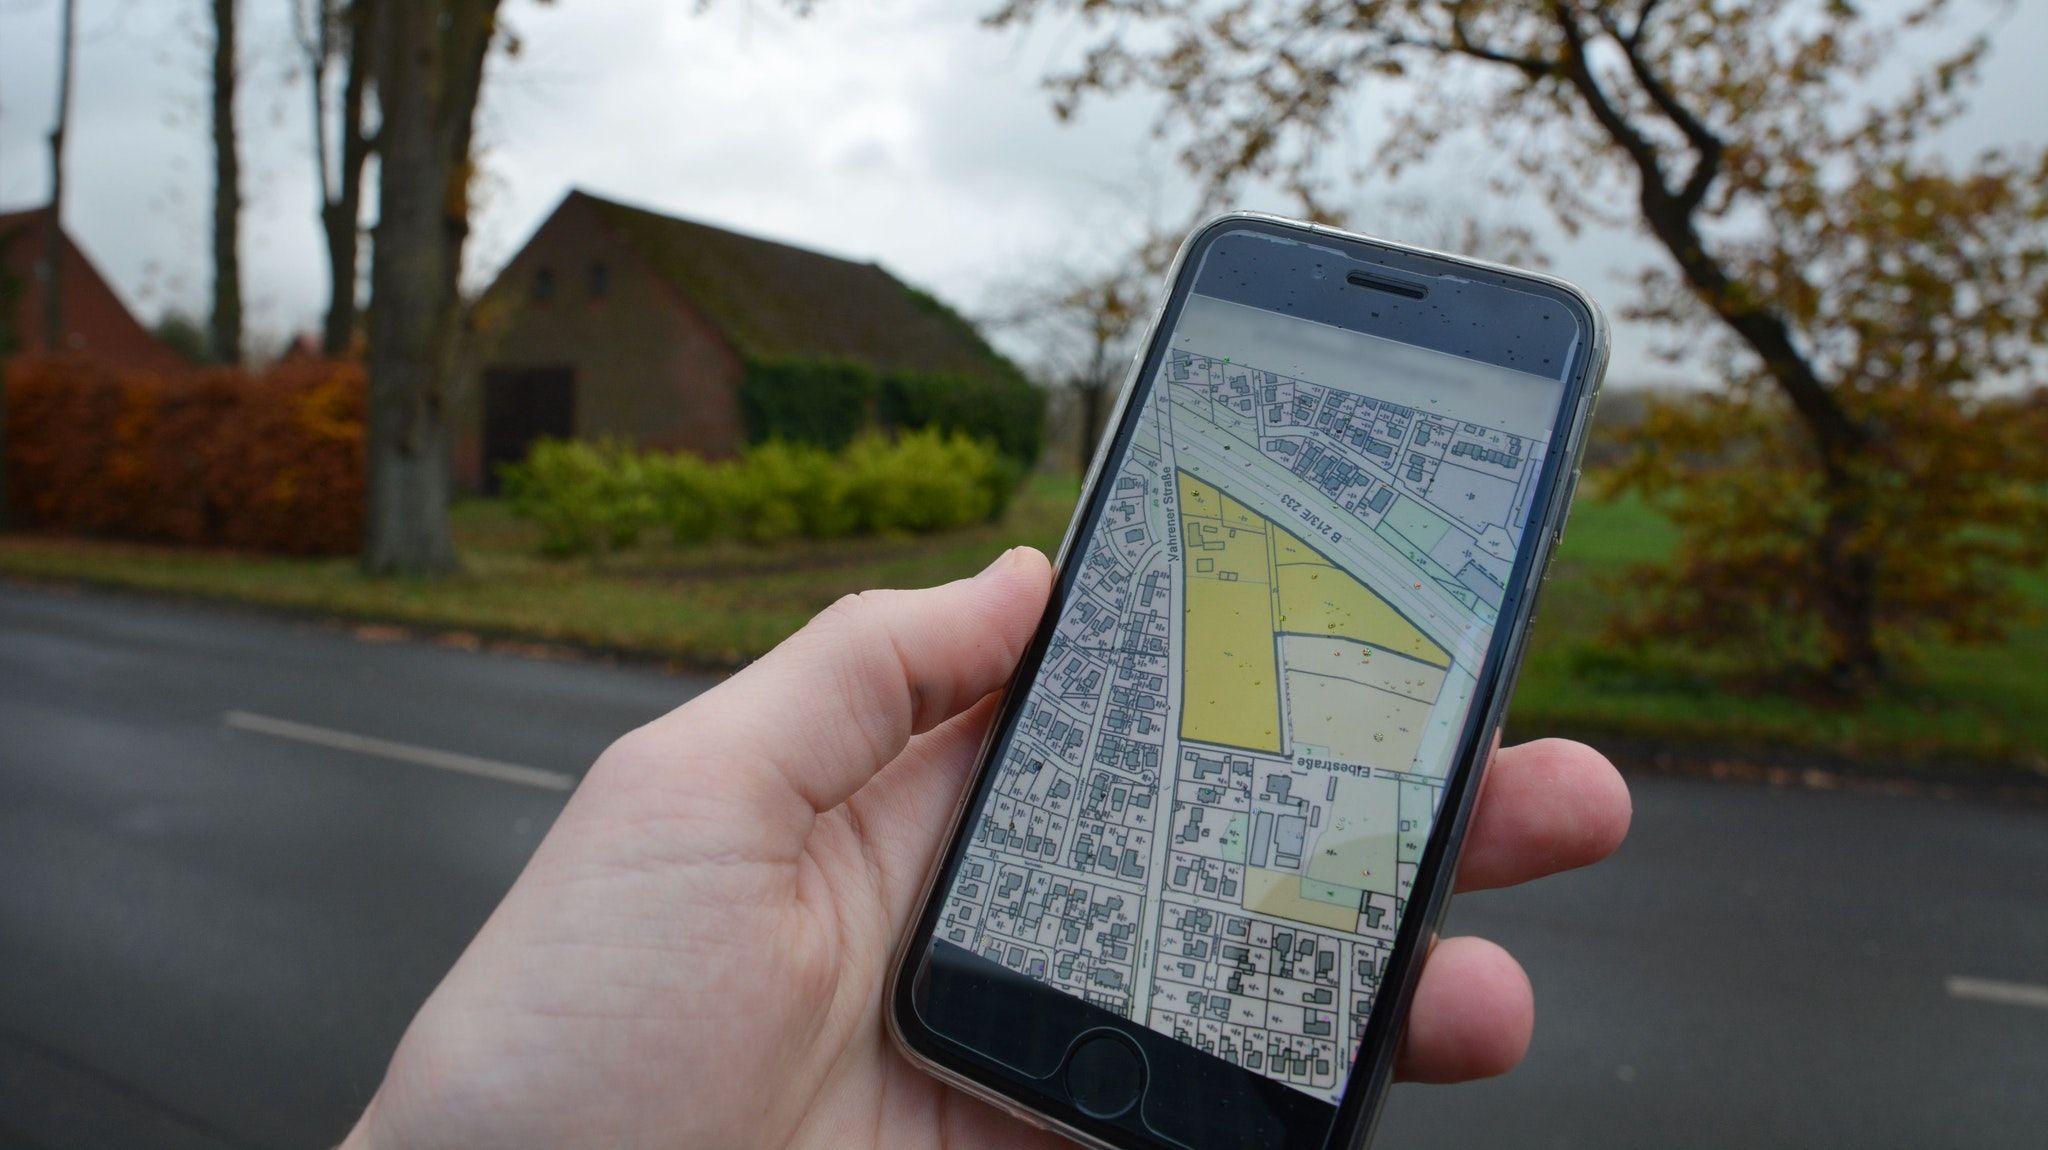 Die Bekenntnisschule sollte an der Vahrener Straße in Cloppenburg entstehen. Archivfoto: Hermes